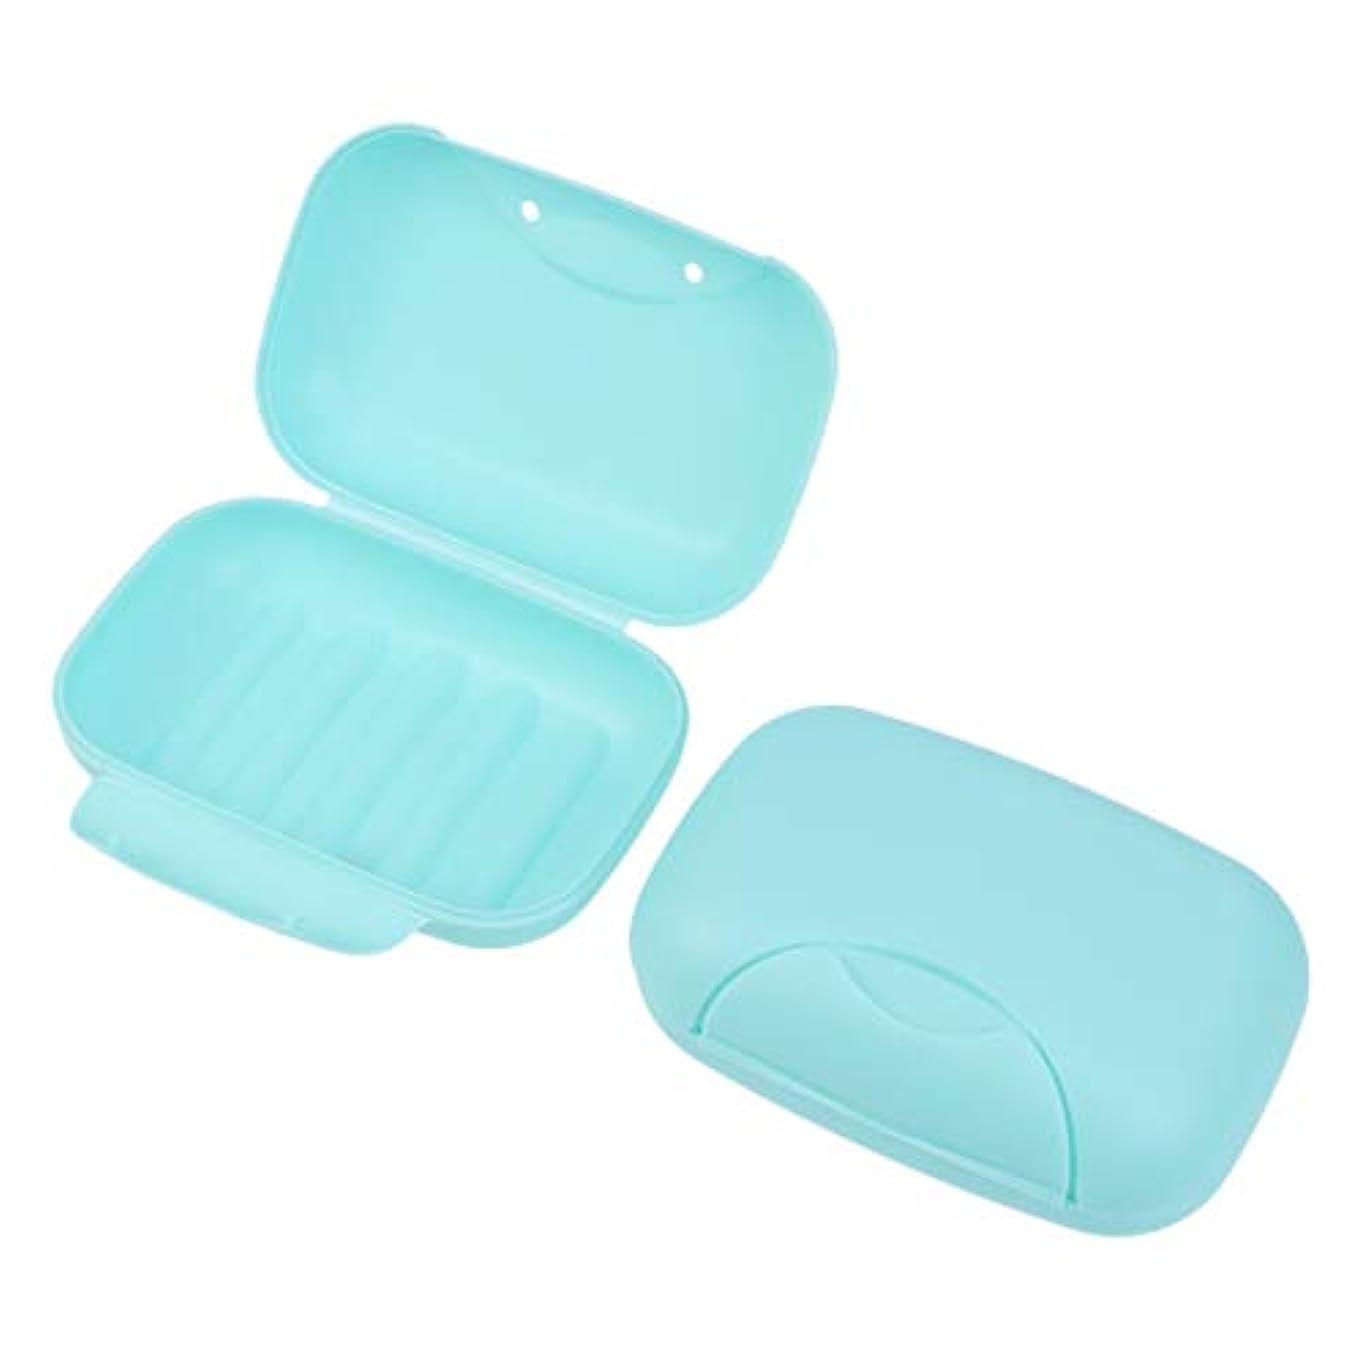 執着排他的費やすHealifty 旅行用ソープボックス防水石鹸皿ソープホルダー2個(青)